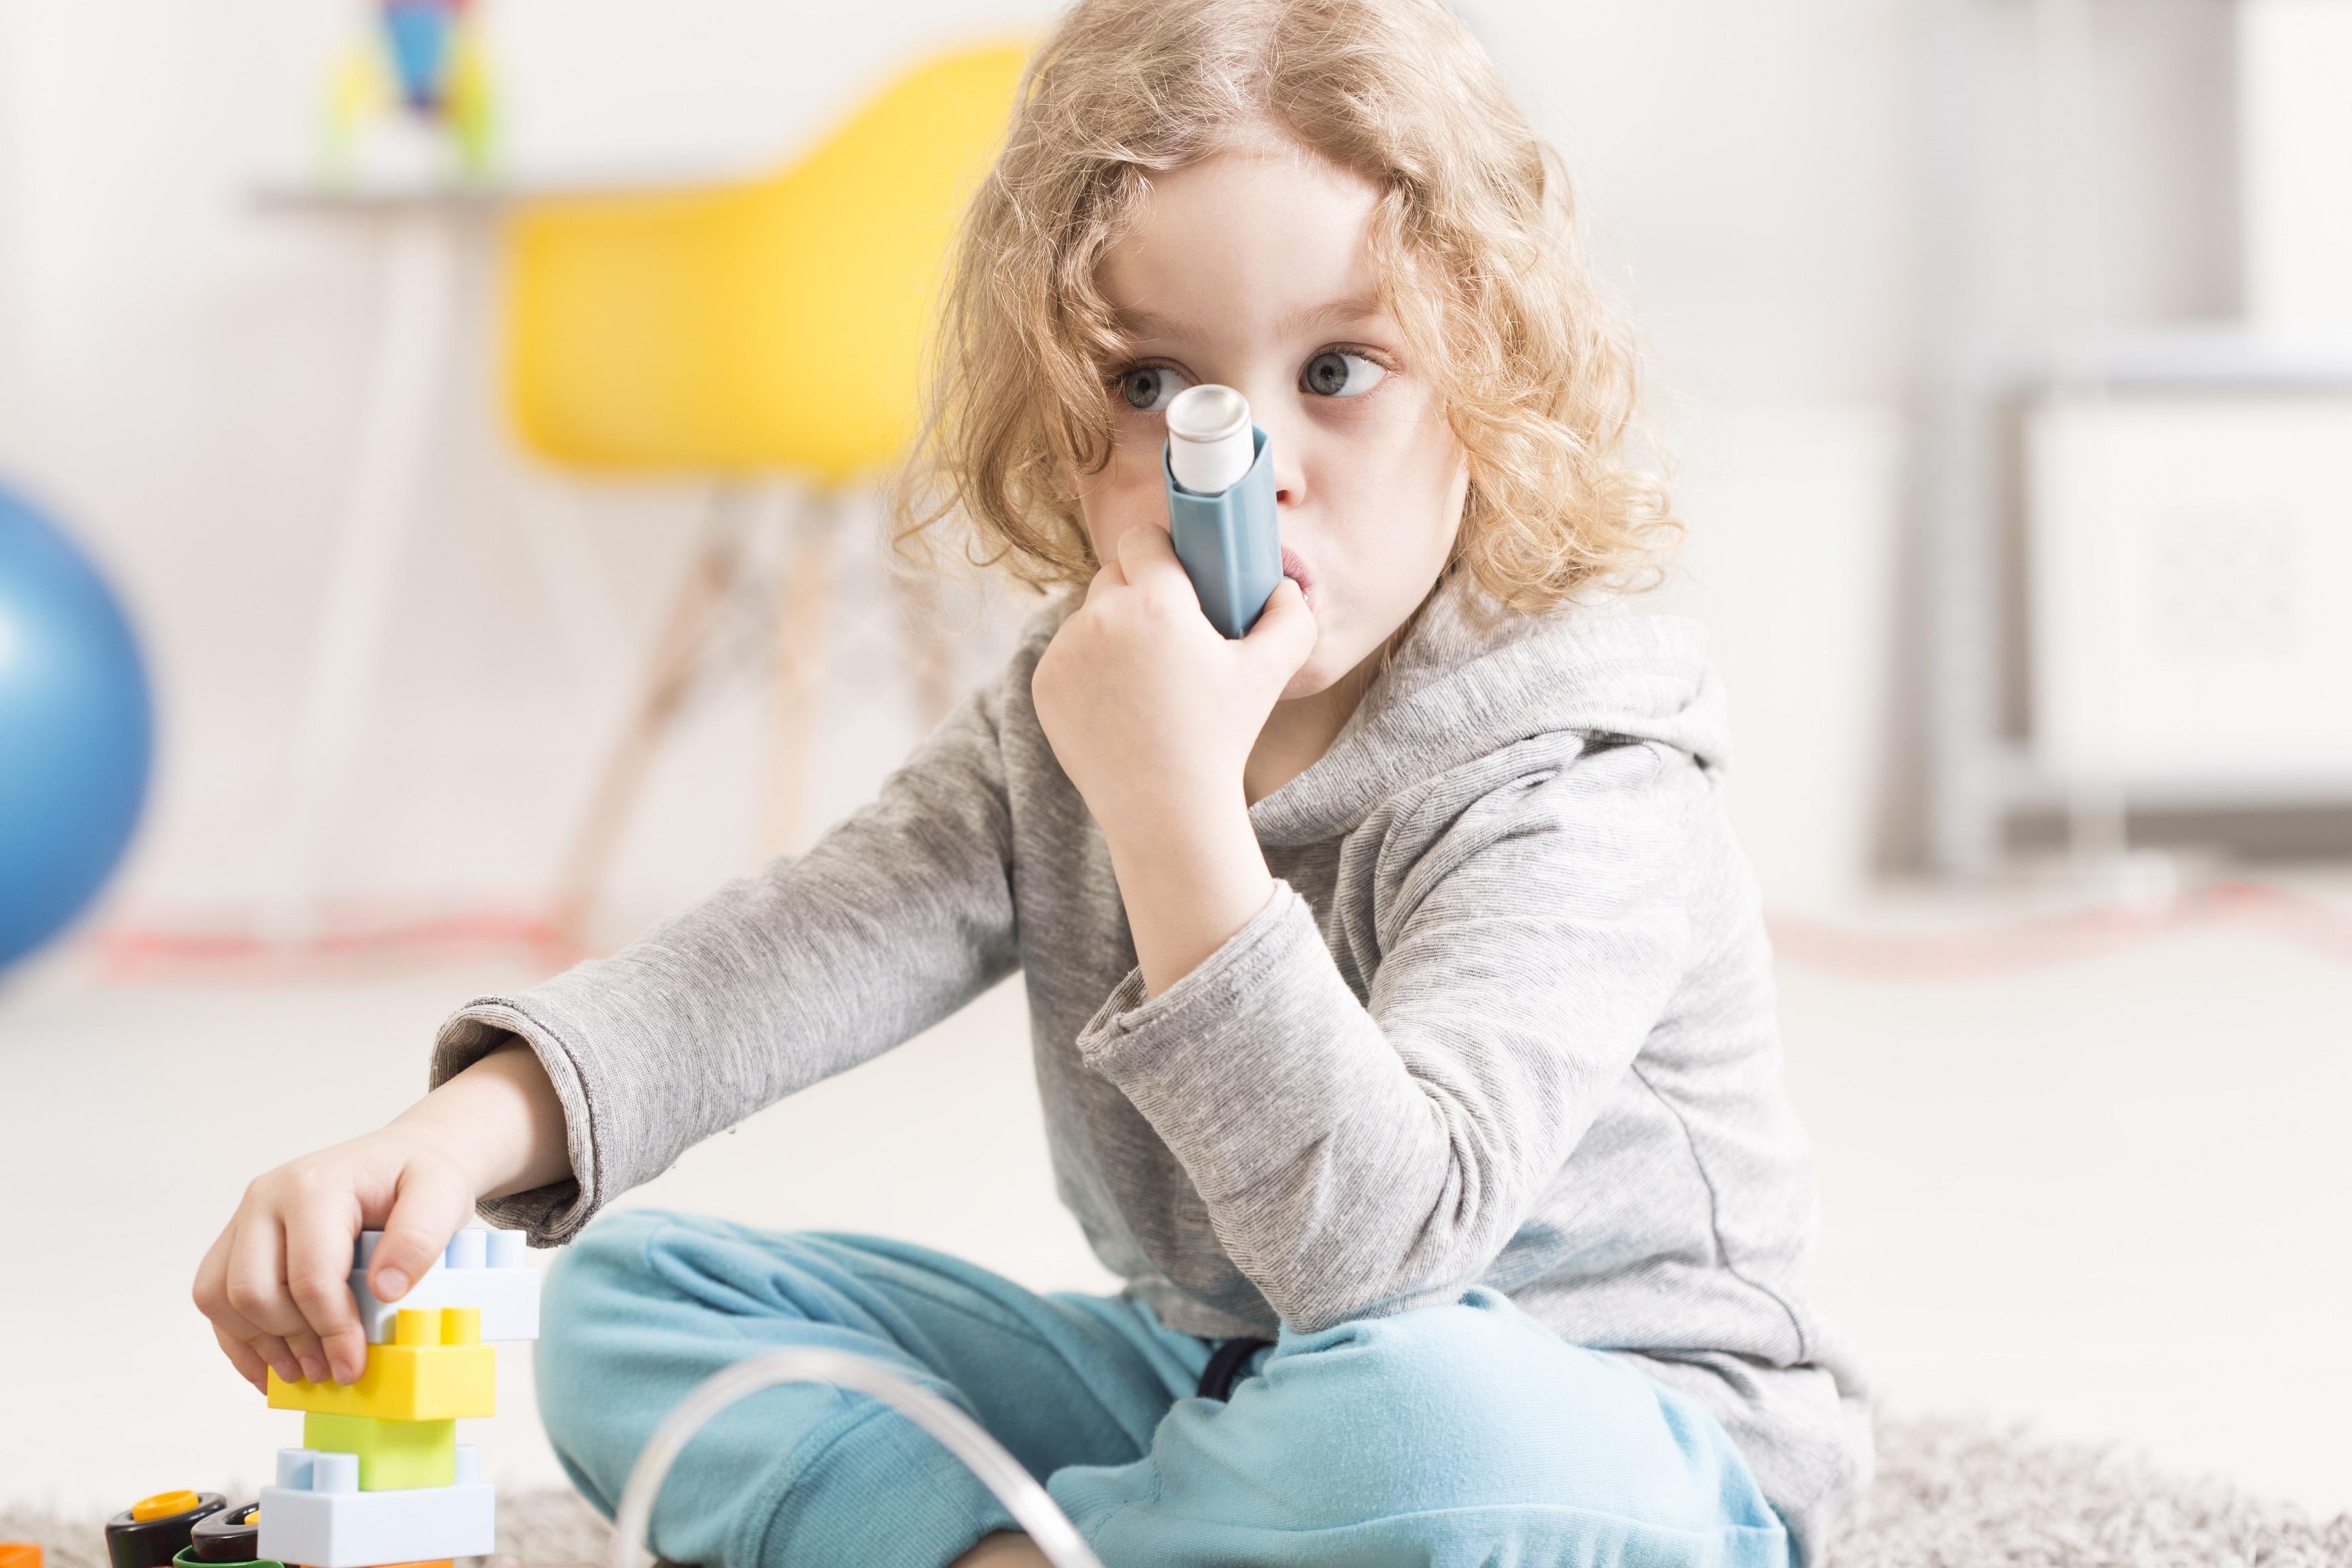 asthma-blut-von-betroffenen-kindern-enth-lt-andere-immunzellen-als-das-von-gesunden